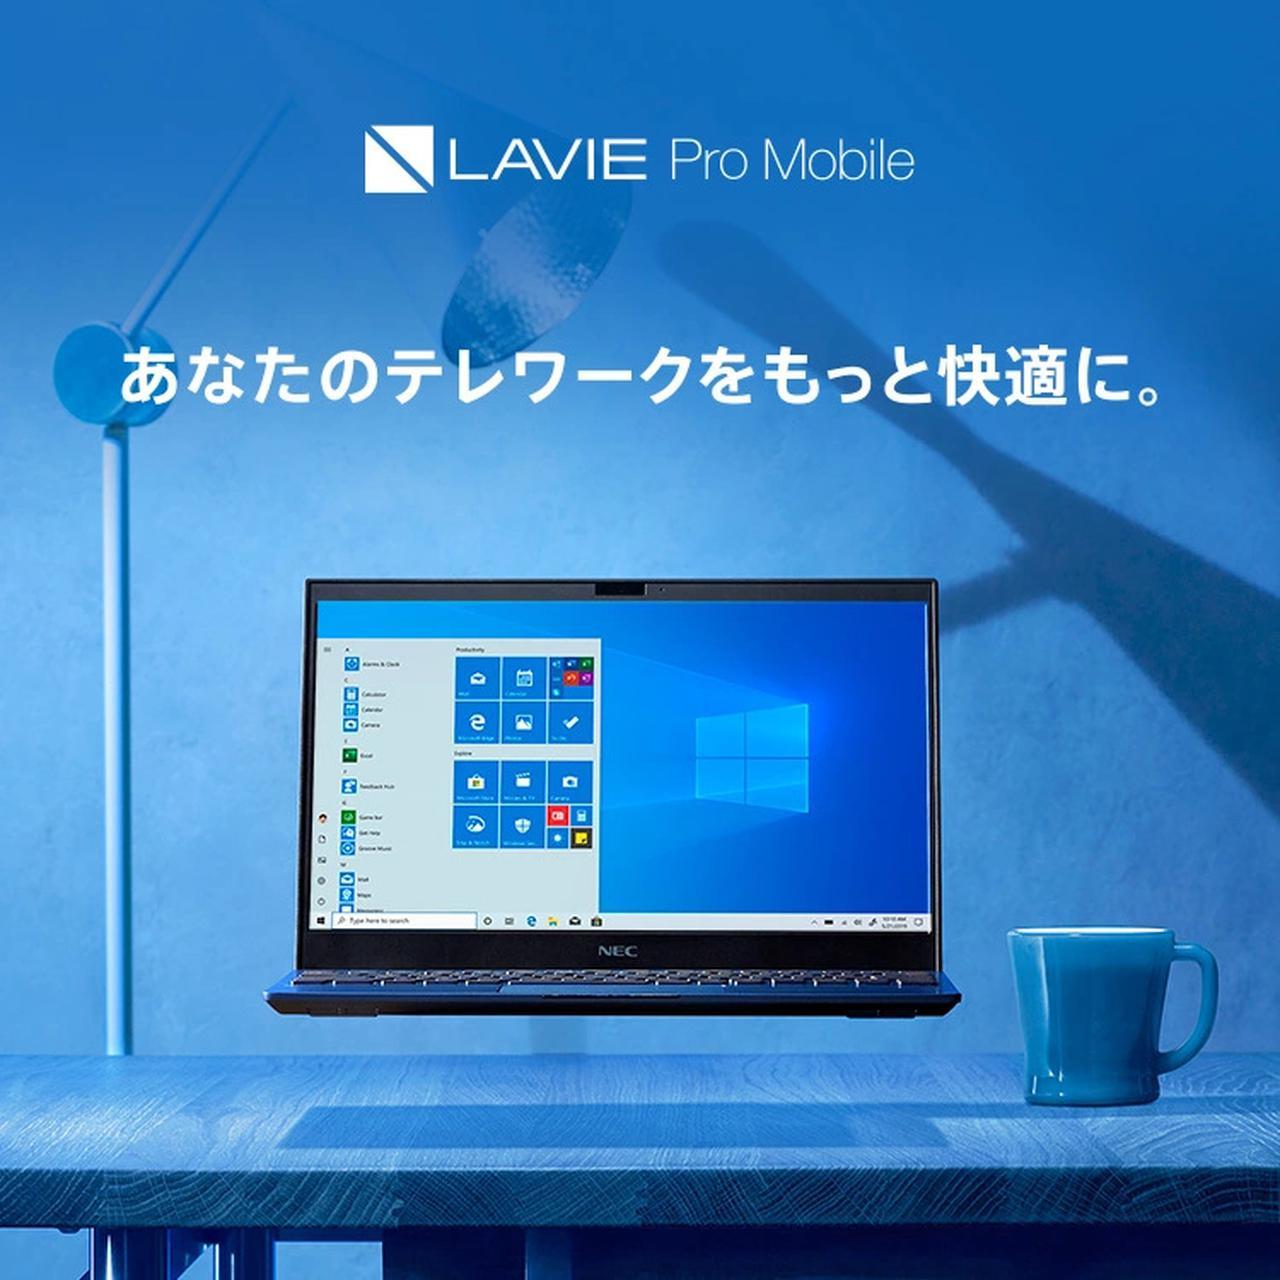 画像: 製品情報 ノート・デスクトップパソコン NEC LAVIE公式サイト